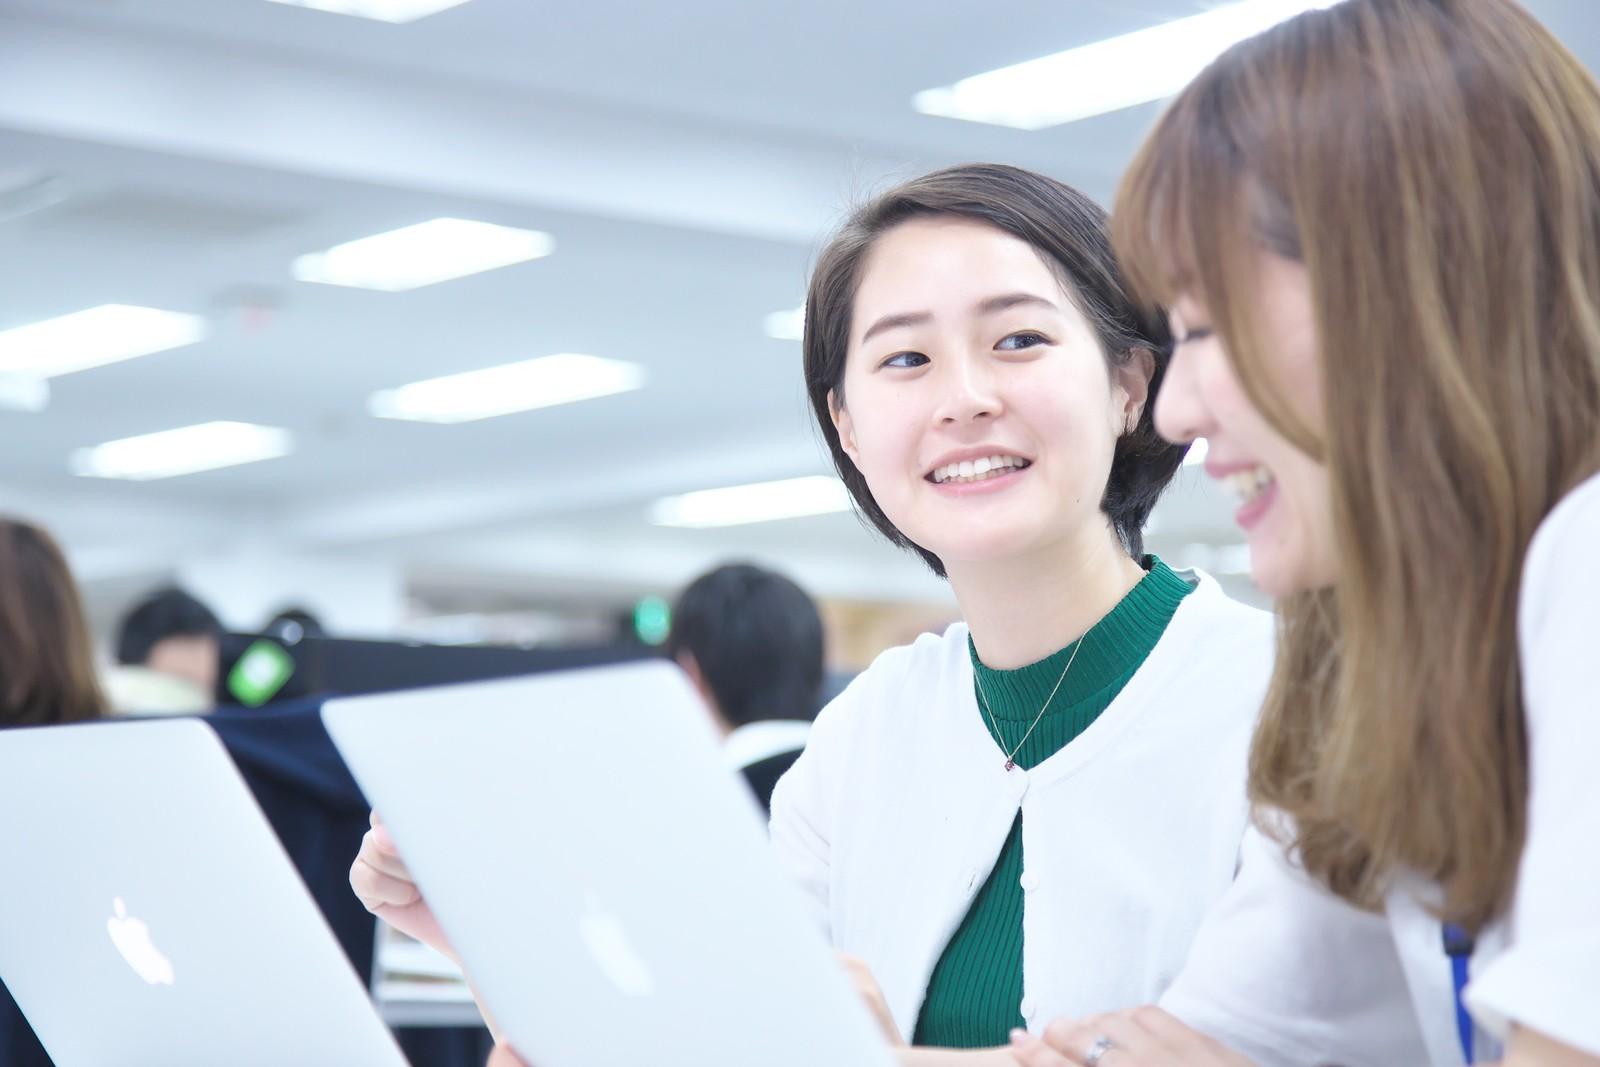 【自社サービス】国内No.1ギフトサービスを支えるSRE募集!